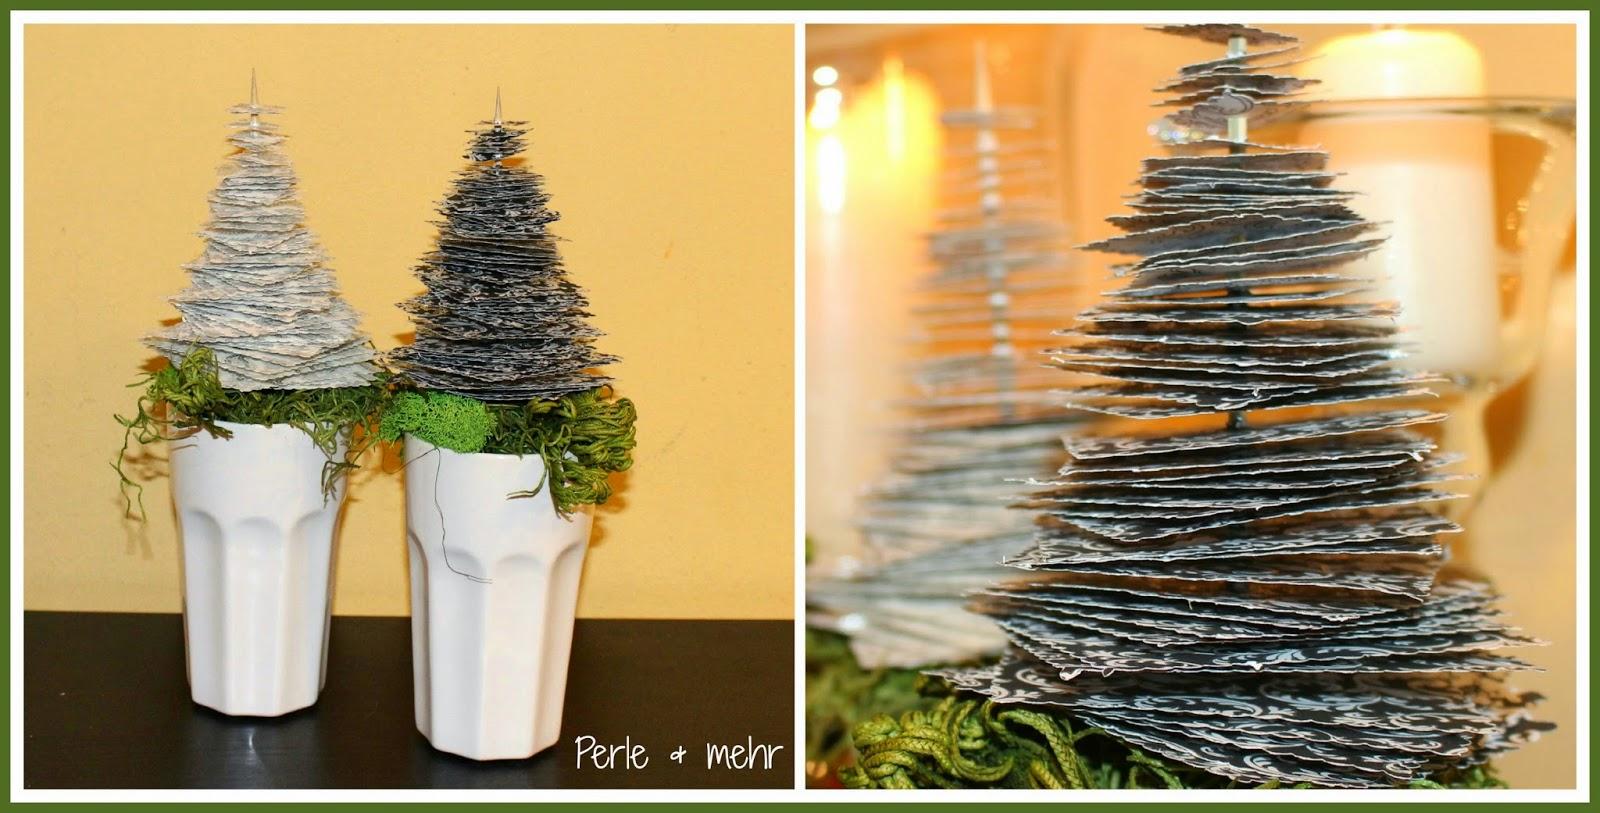 Perle Mehr Tag 46 Weihnachtsdeko